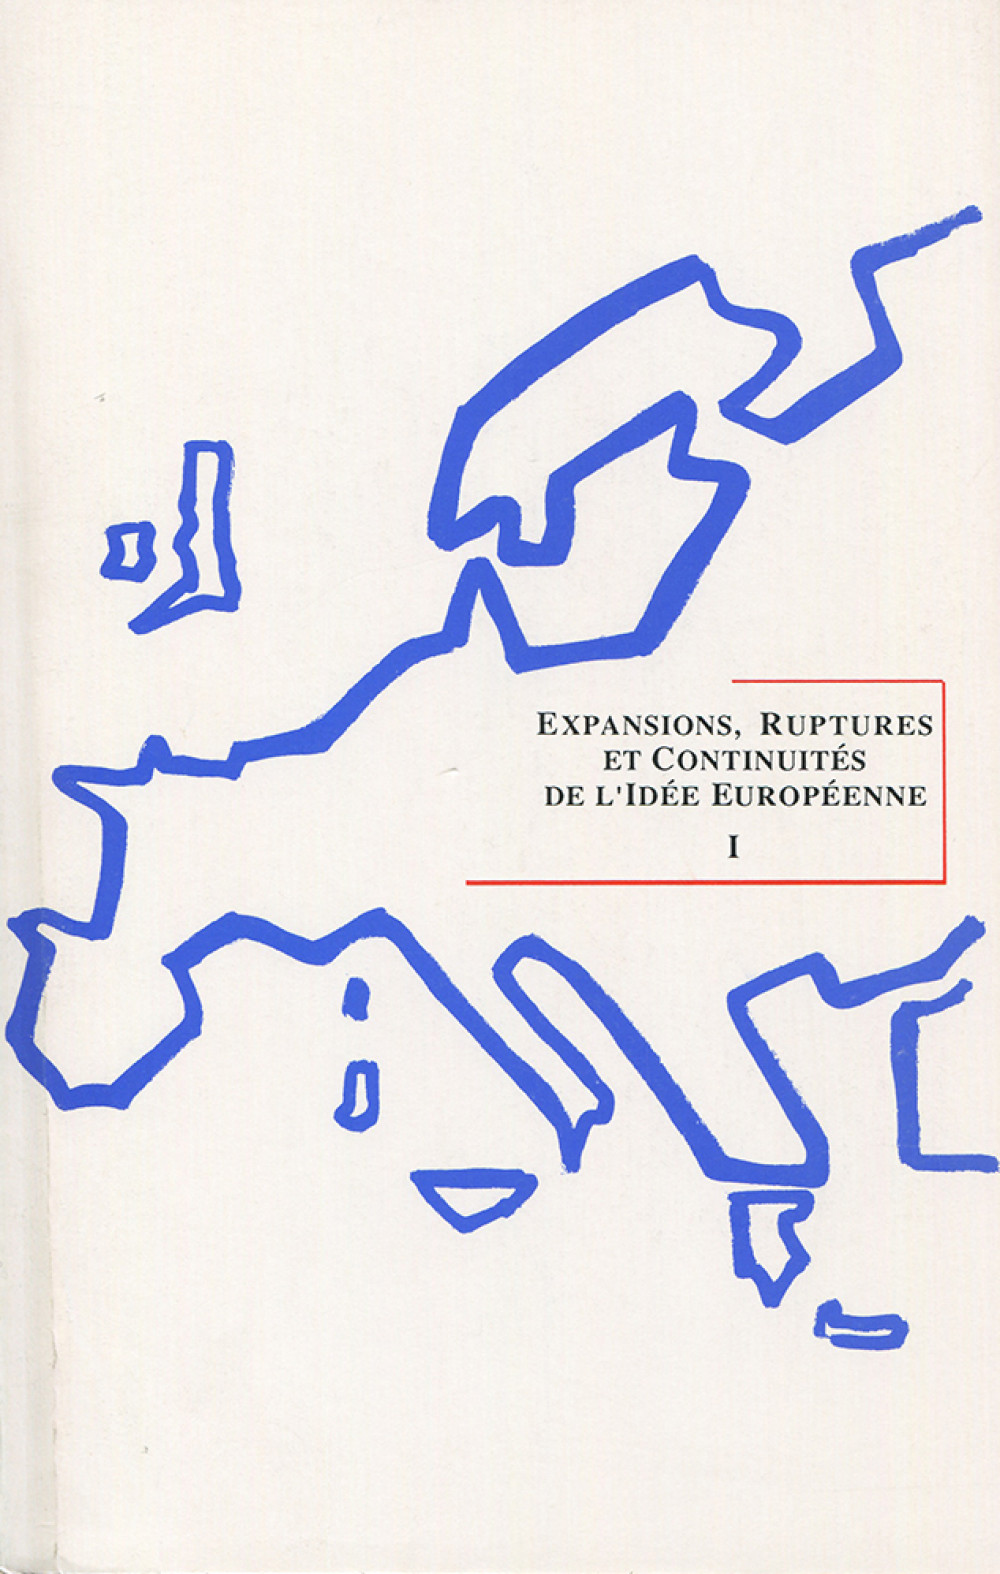 Expansions, ruptures et continuité de l'idée européenne I